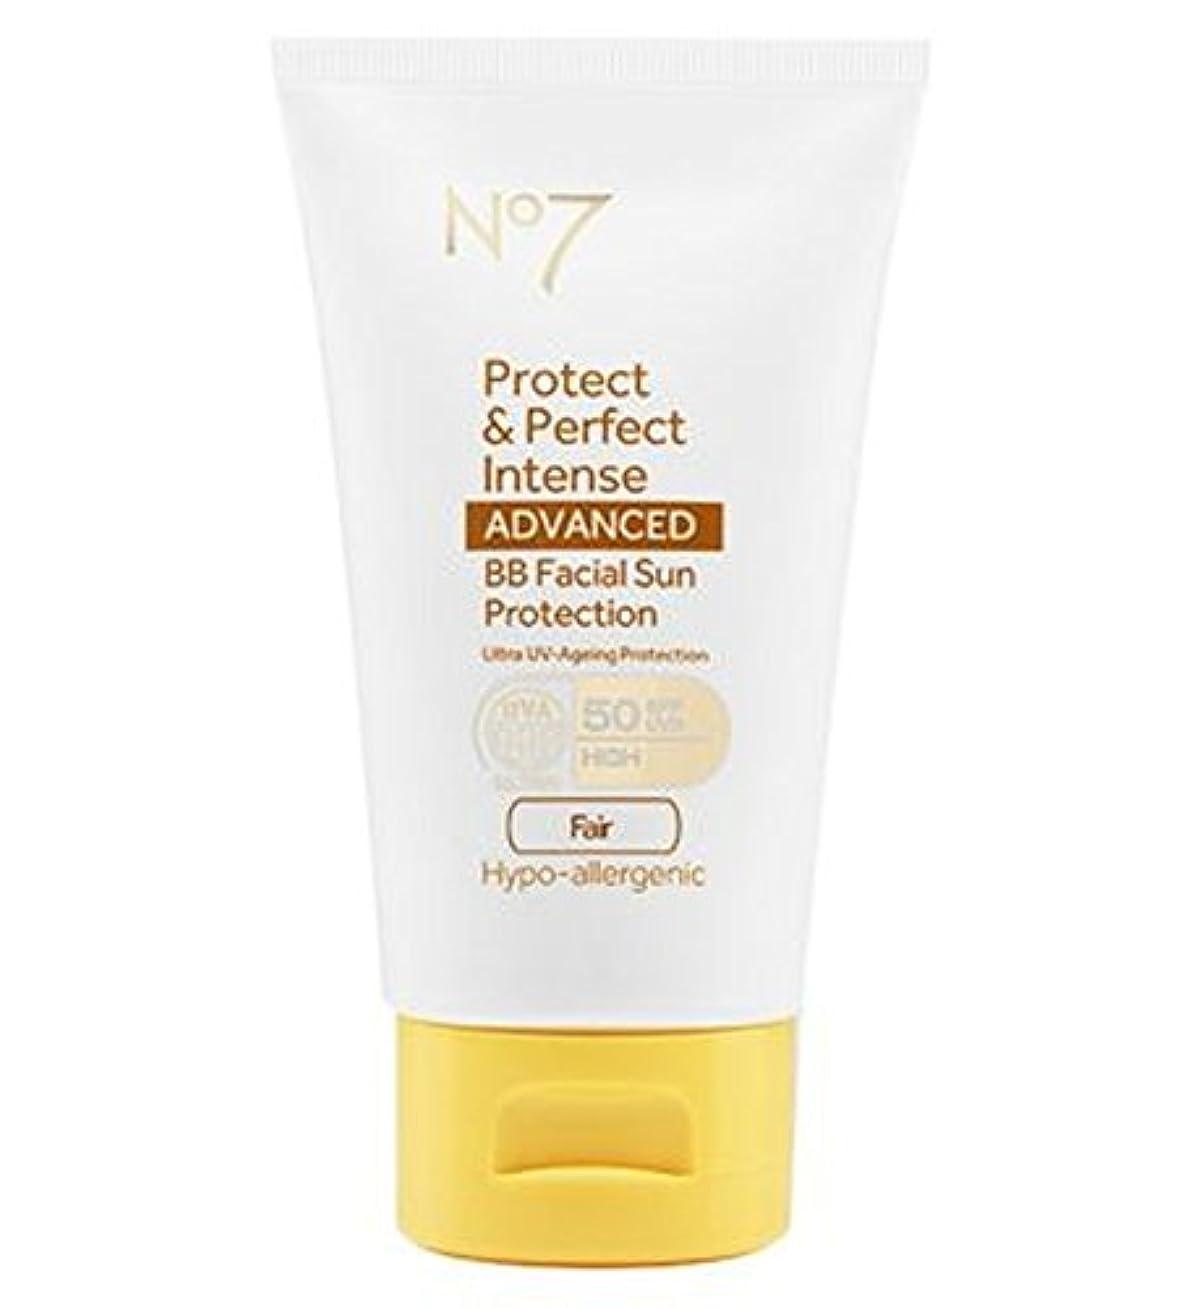 いたずら株式パーフェルビッドNo7 Protect & Perfect Intense ADVANCED BB Facial Sun Protection SPF50 Fair 50ml - No7保護&完璧な強烈な先進Bb顔の日焼け防止Spf50...